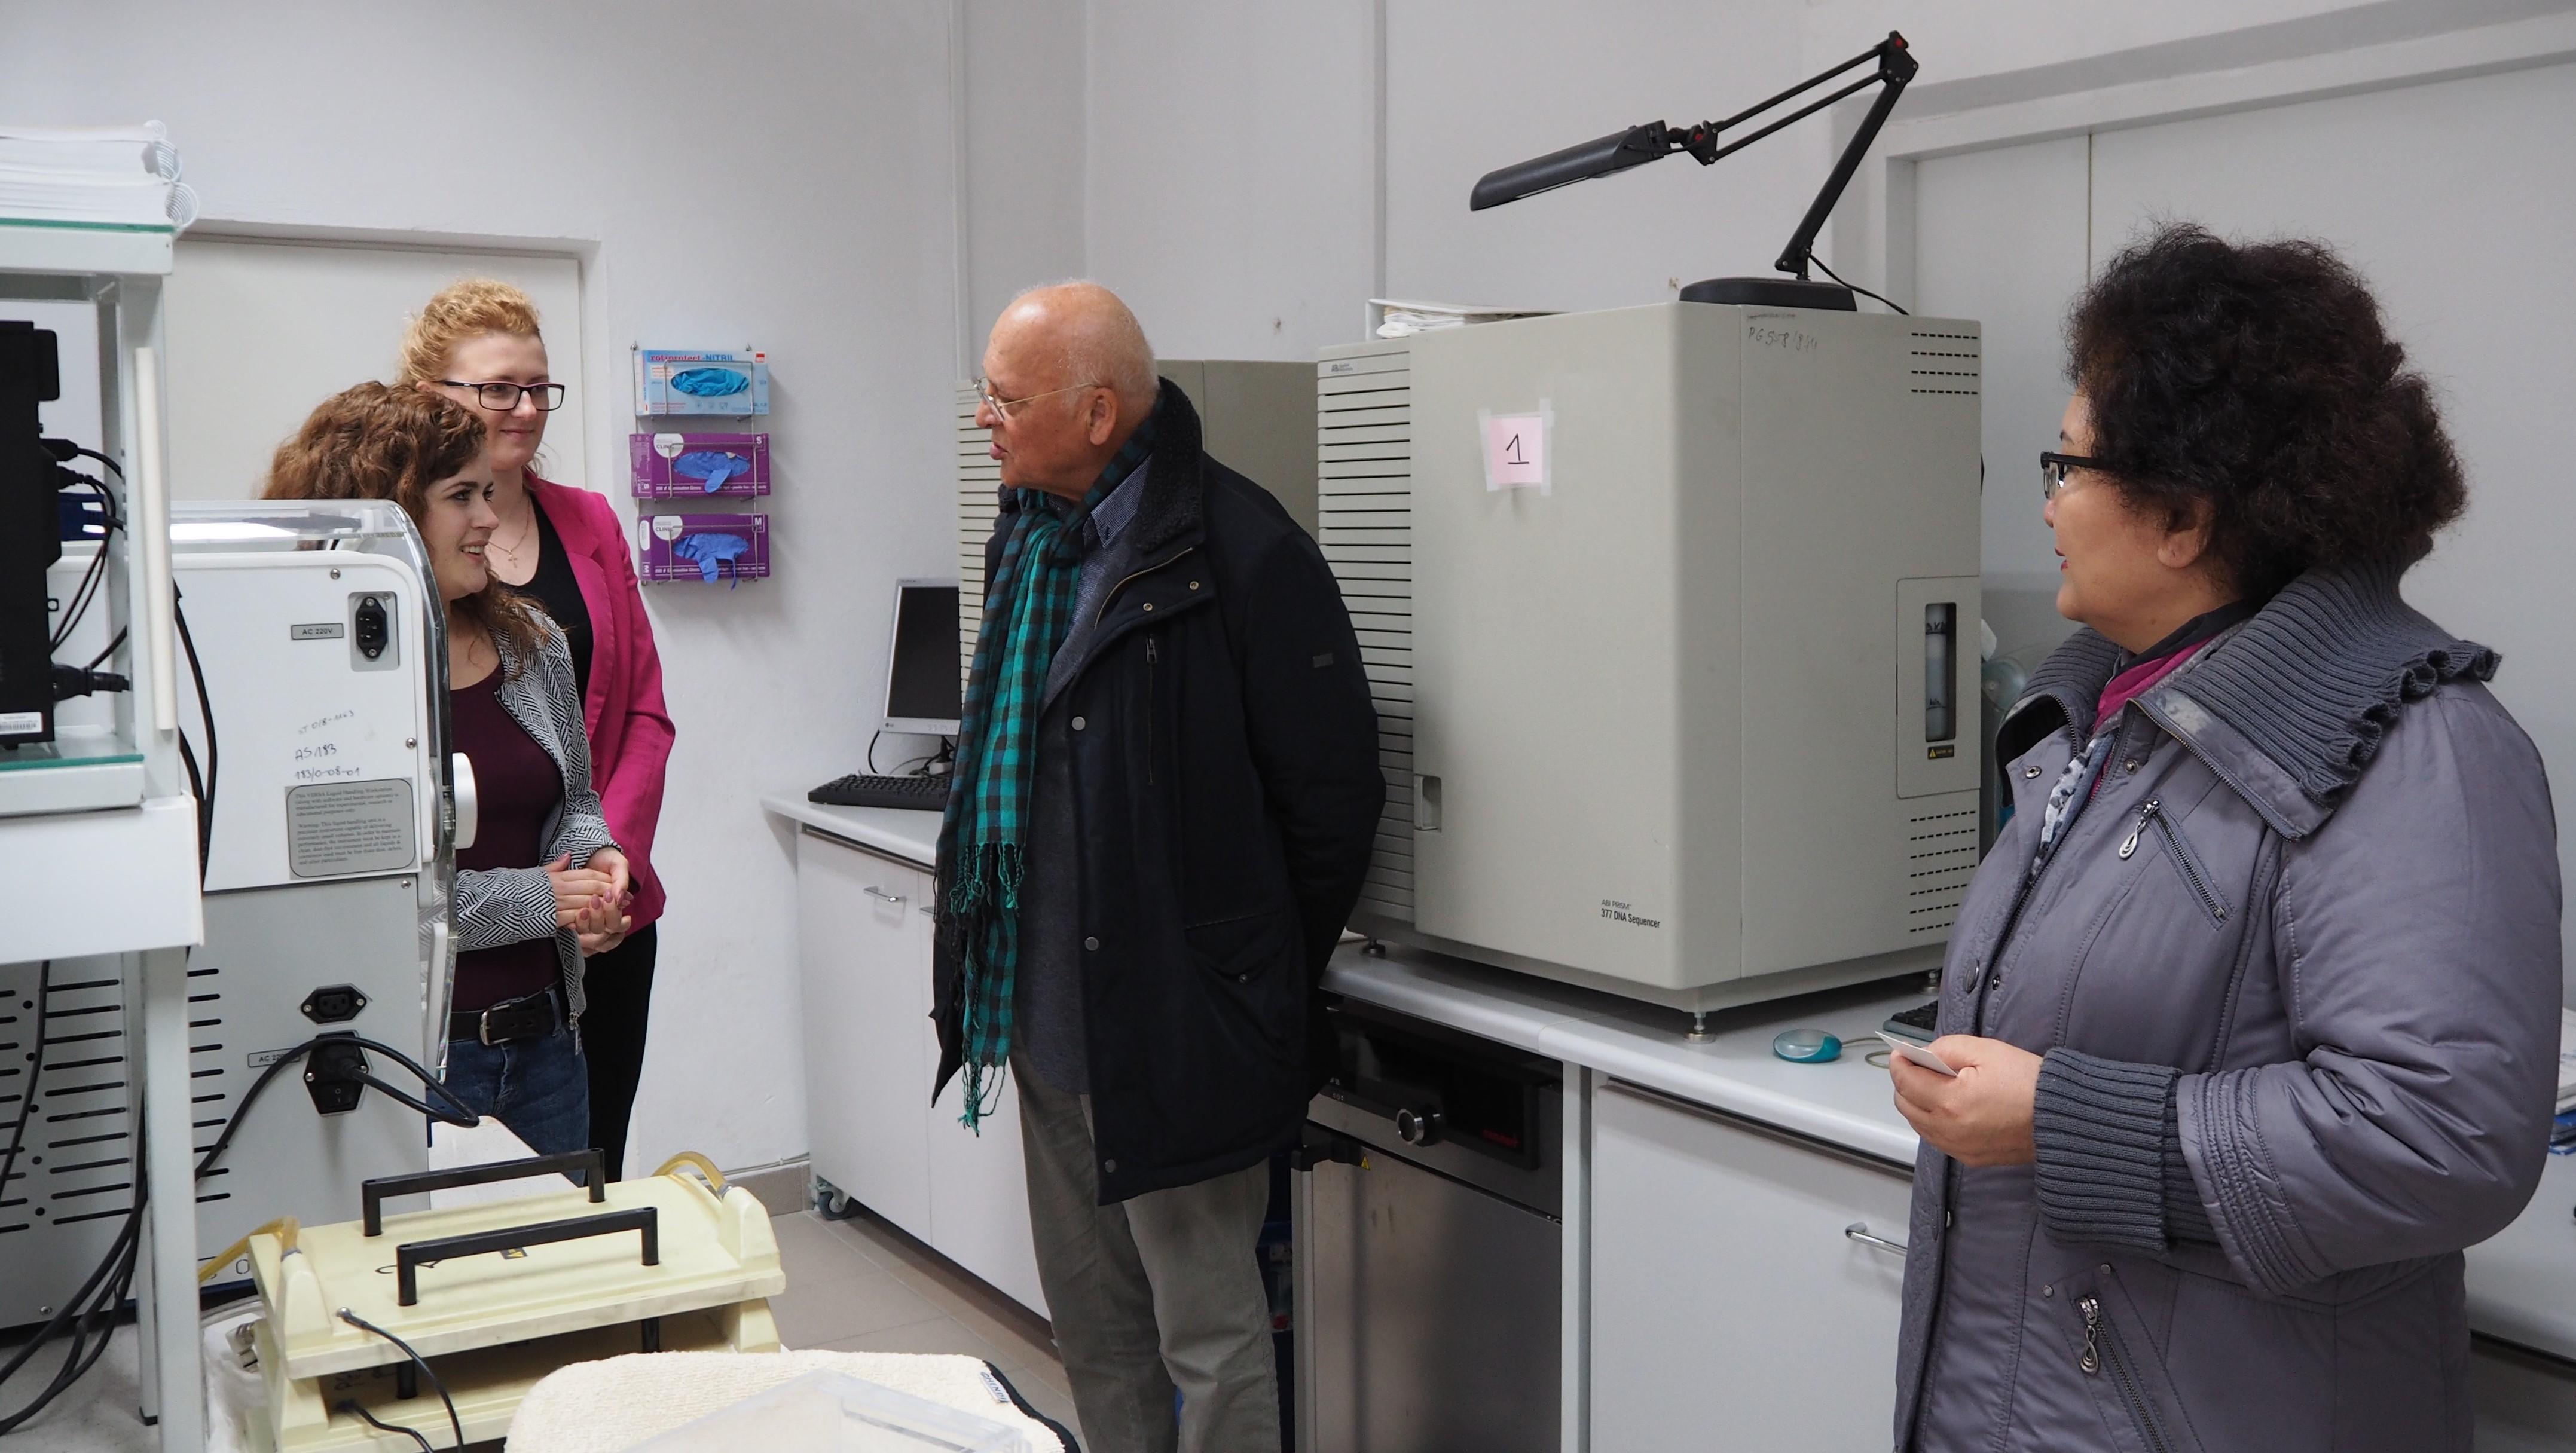 Wizyta naukowa przedstawicielki Uniwersytetu Przyrodniczego w Ułan Bator, 19-28 kwietnia 2017r.